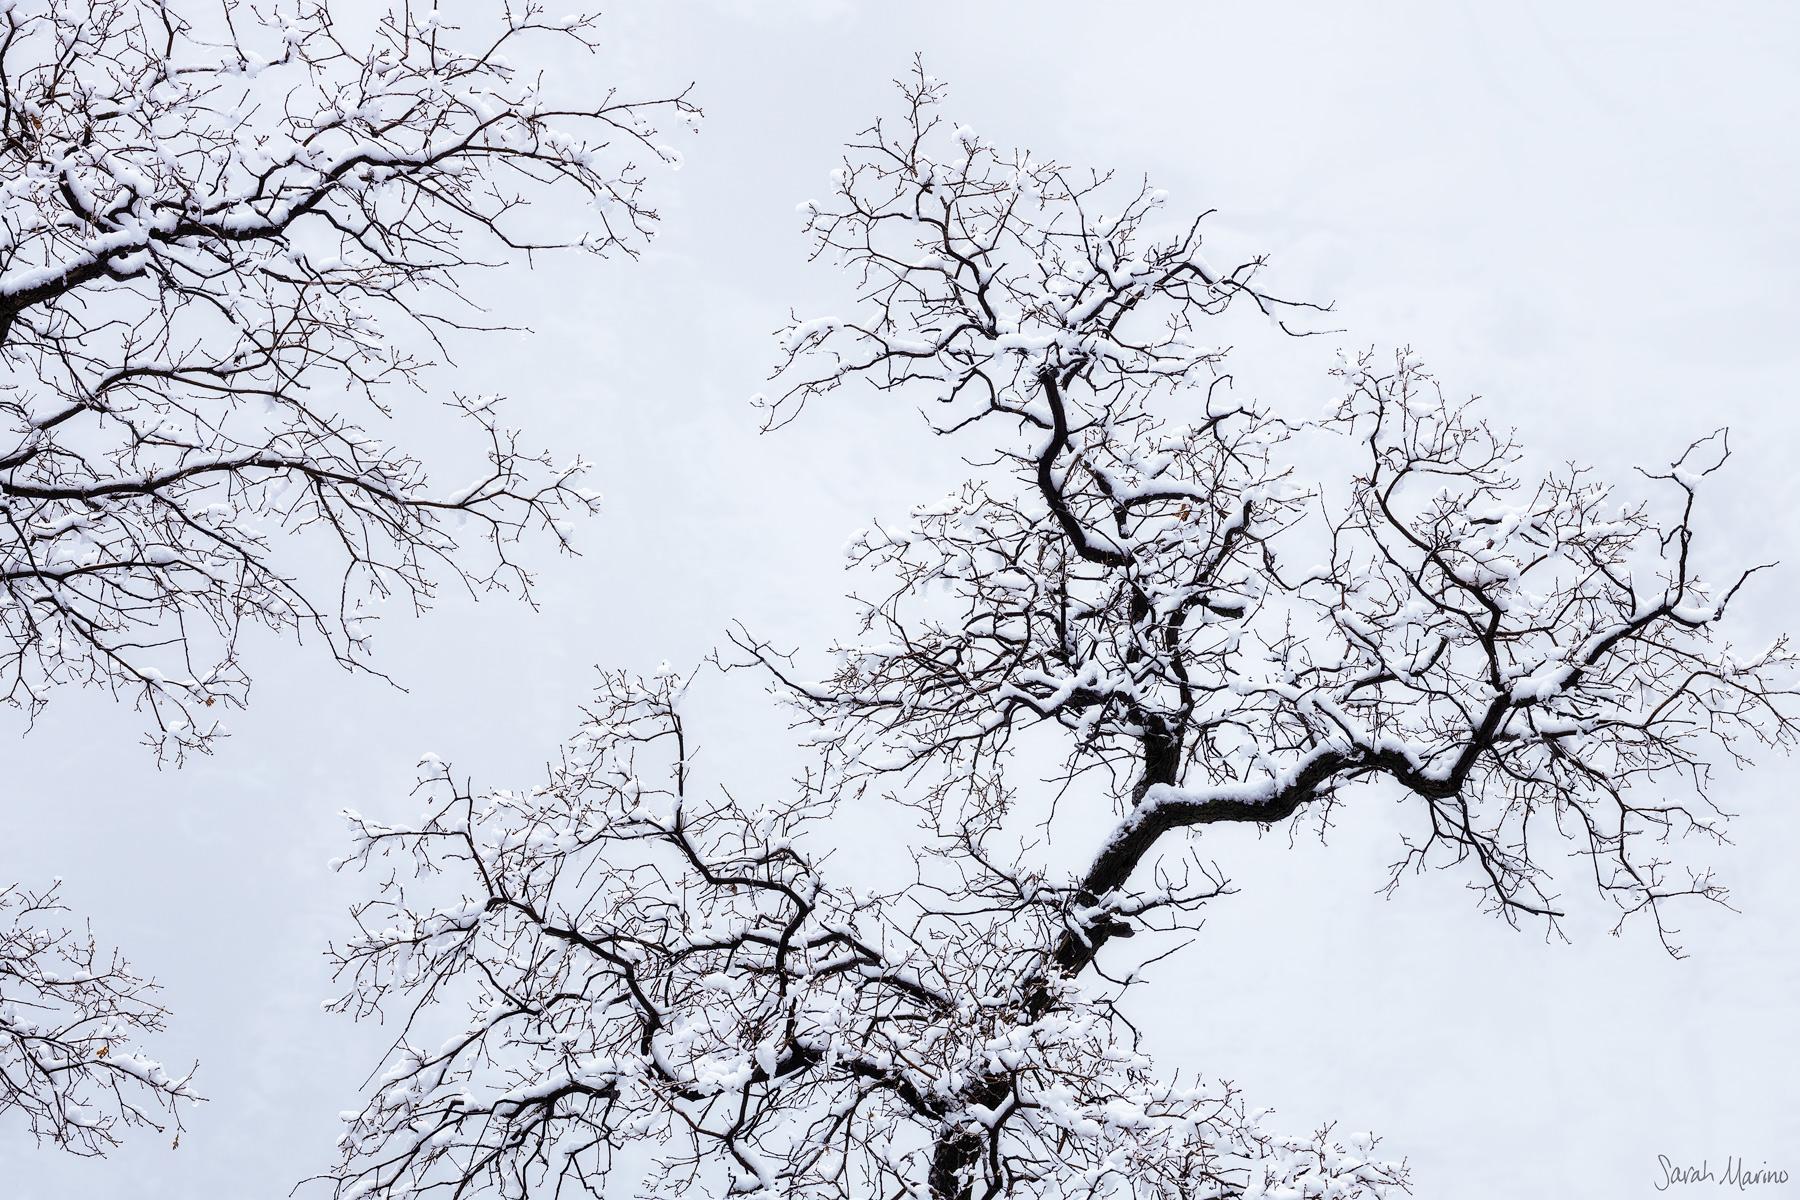 Sarah-Marino-Zion-Winter-Tree-Silhouette-1200px-Watermark.jpg